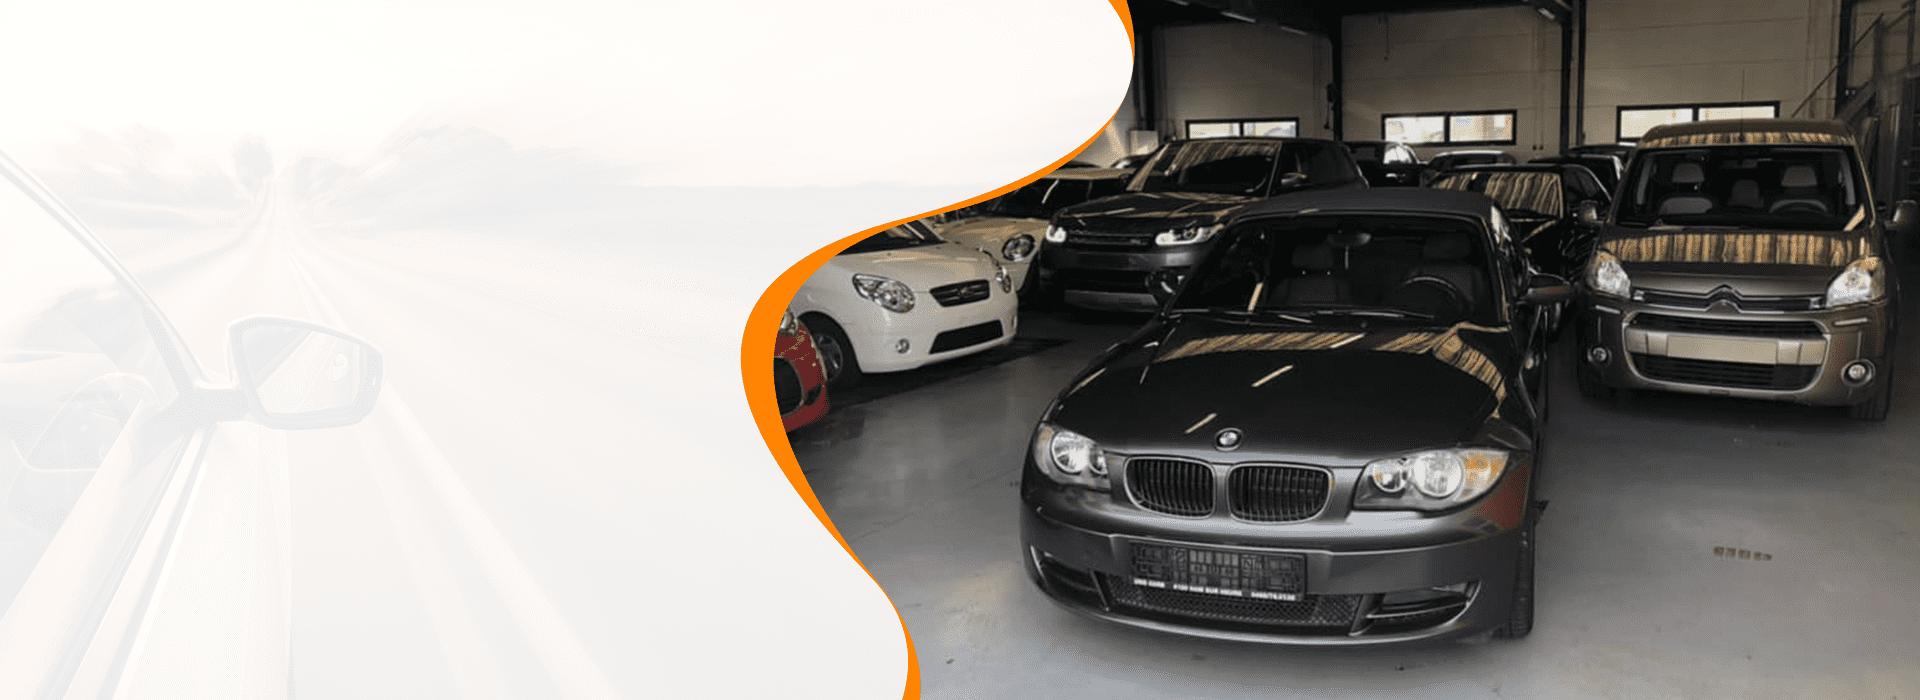 slider-hd-autos-vente-voitures-occasion-Bruxelles-Capitale